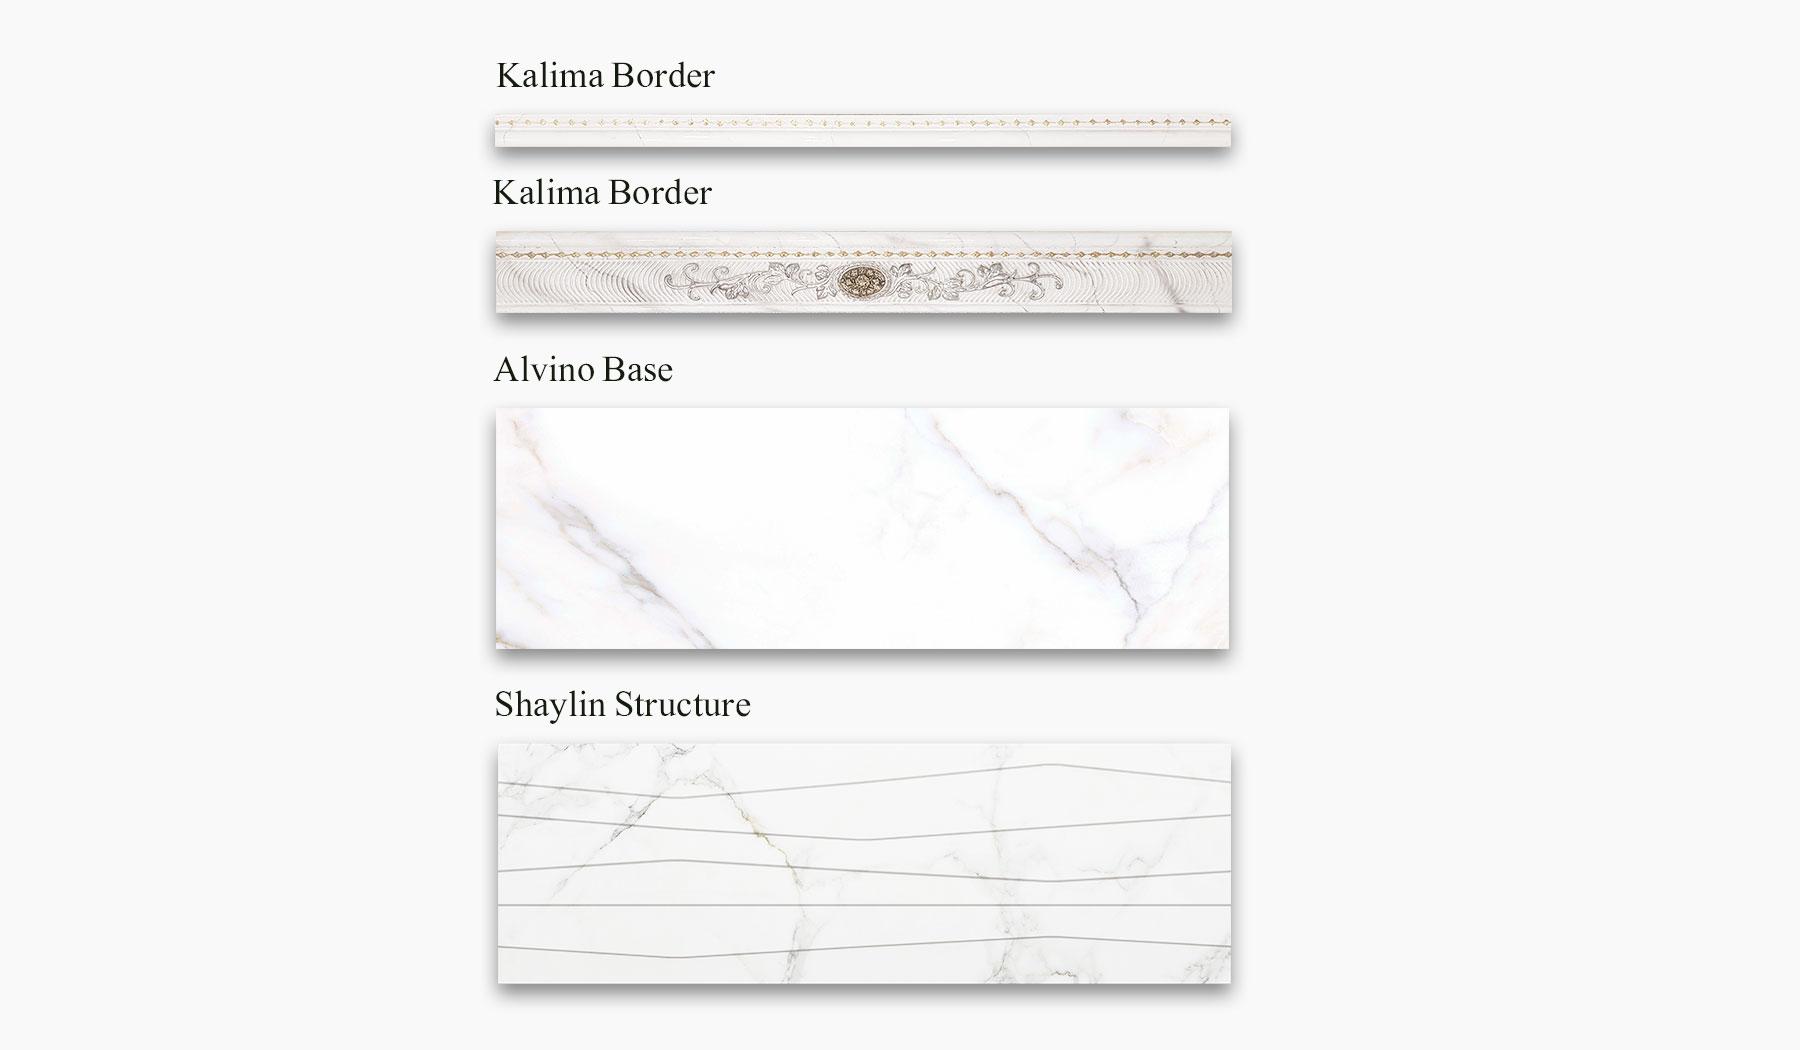 کاشی و سرامیک بوم سرامیک ، کاشی دیوار مجموعه شایلین سفید سایز 30*90 لعاب براق پانچ با زمینه سنگ